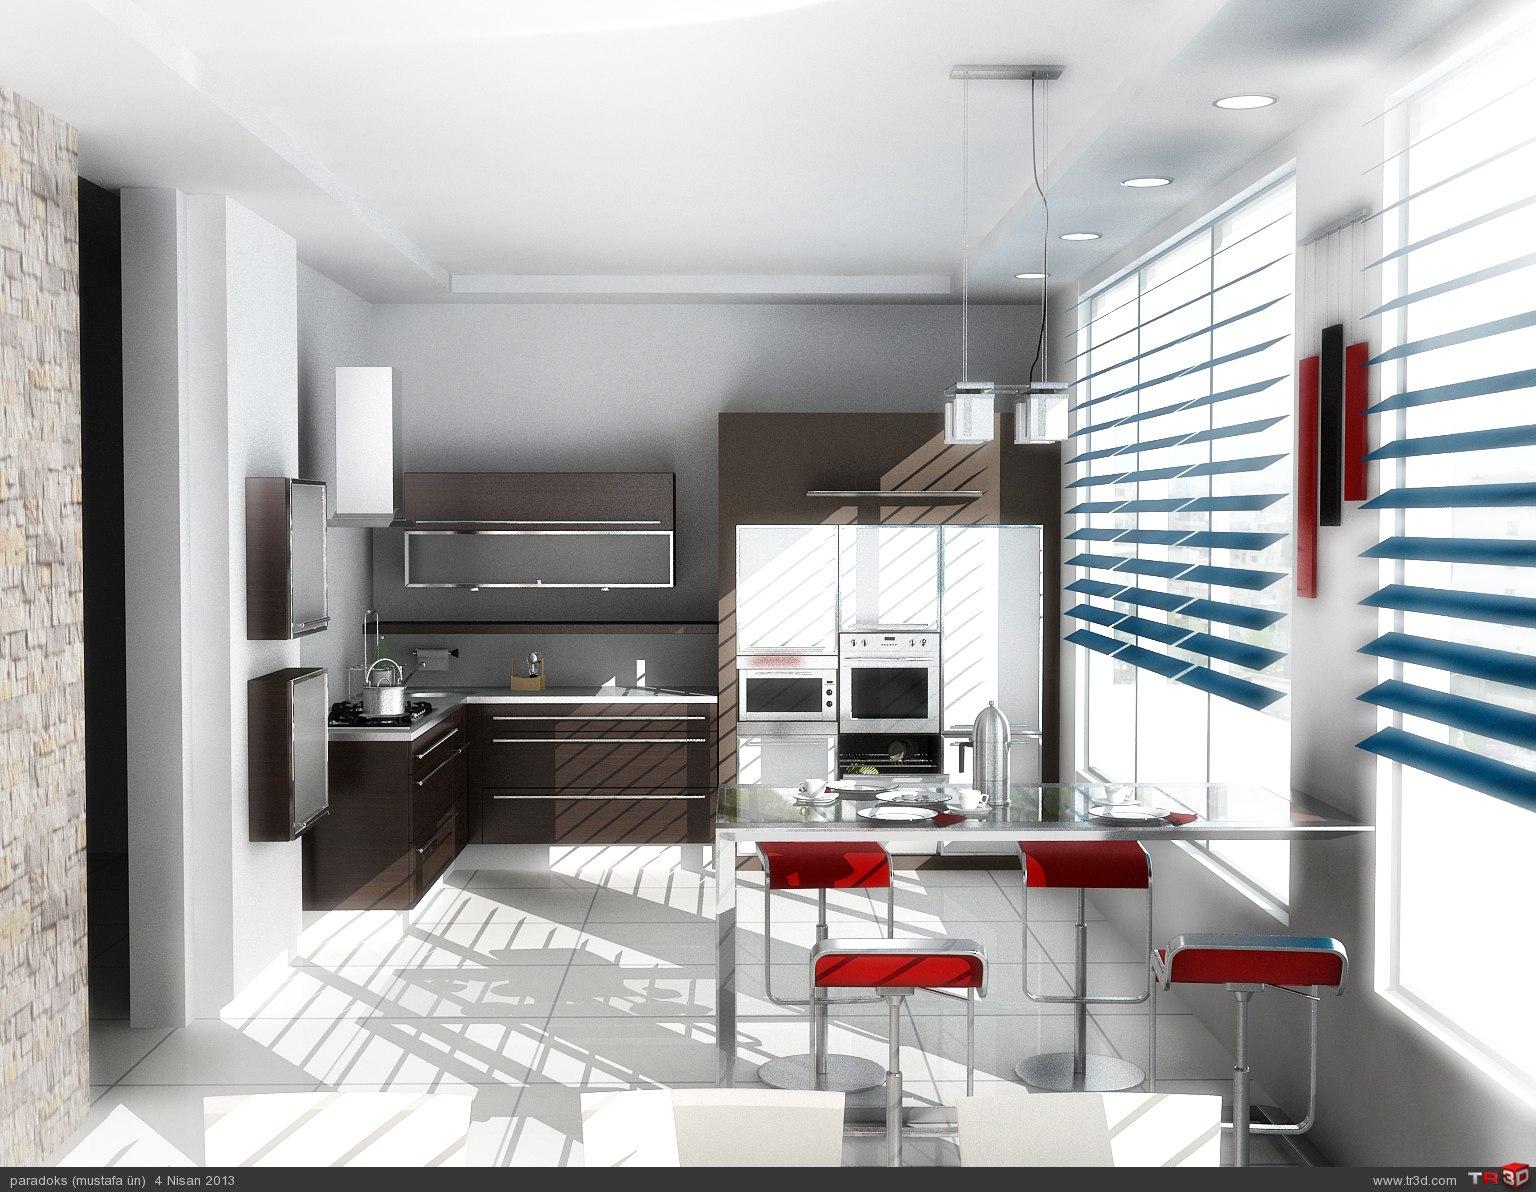 Zeus Mutfak Tasarımı